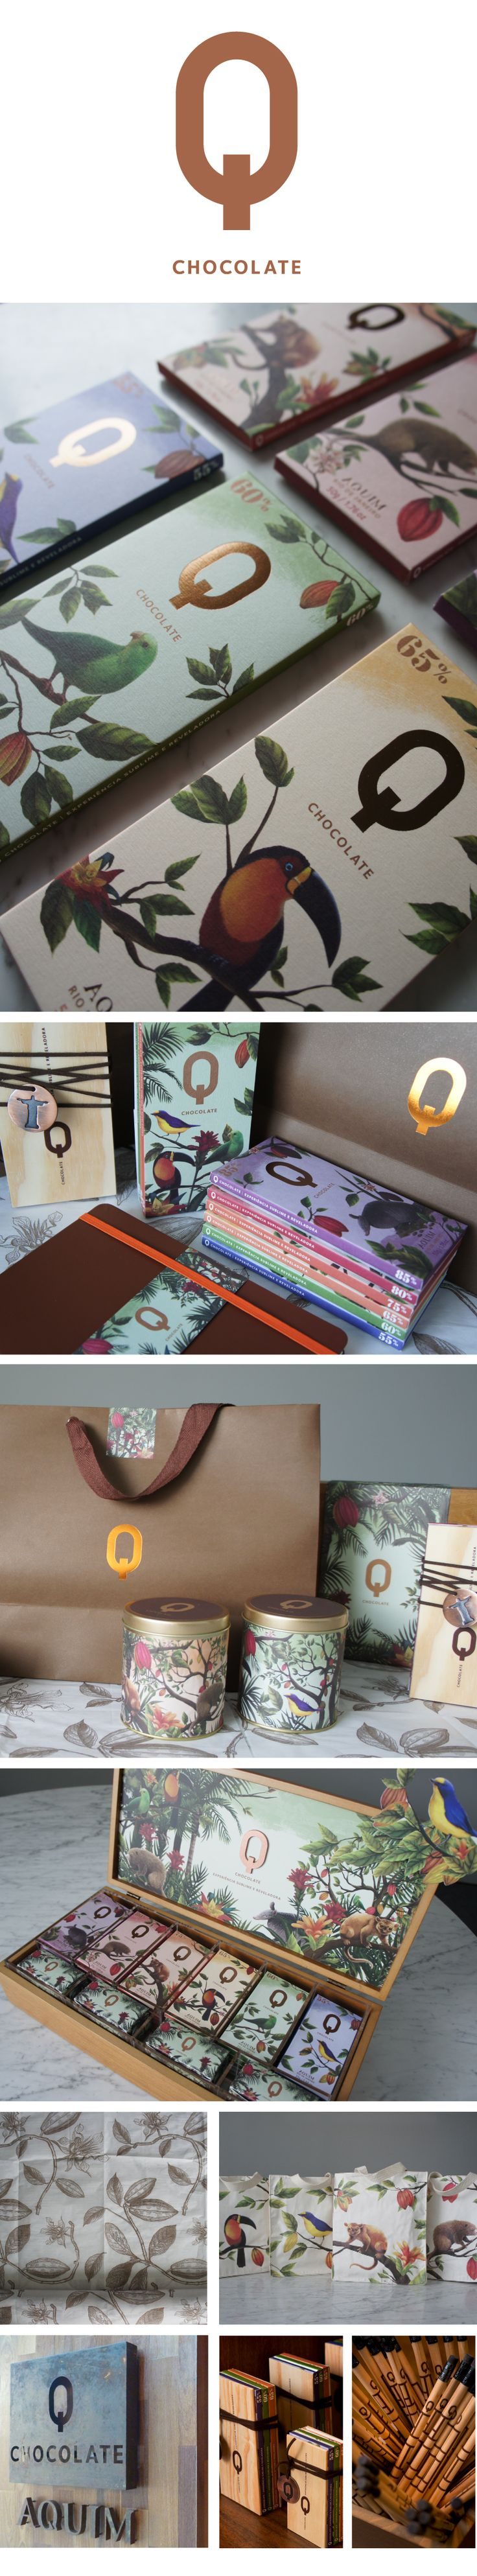 identity / aquim, q chocolate. design credit, claudio novaes. cannes design 2013 winner.